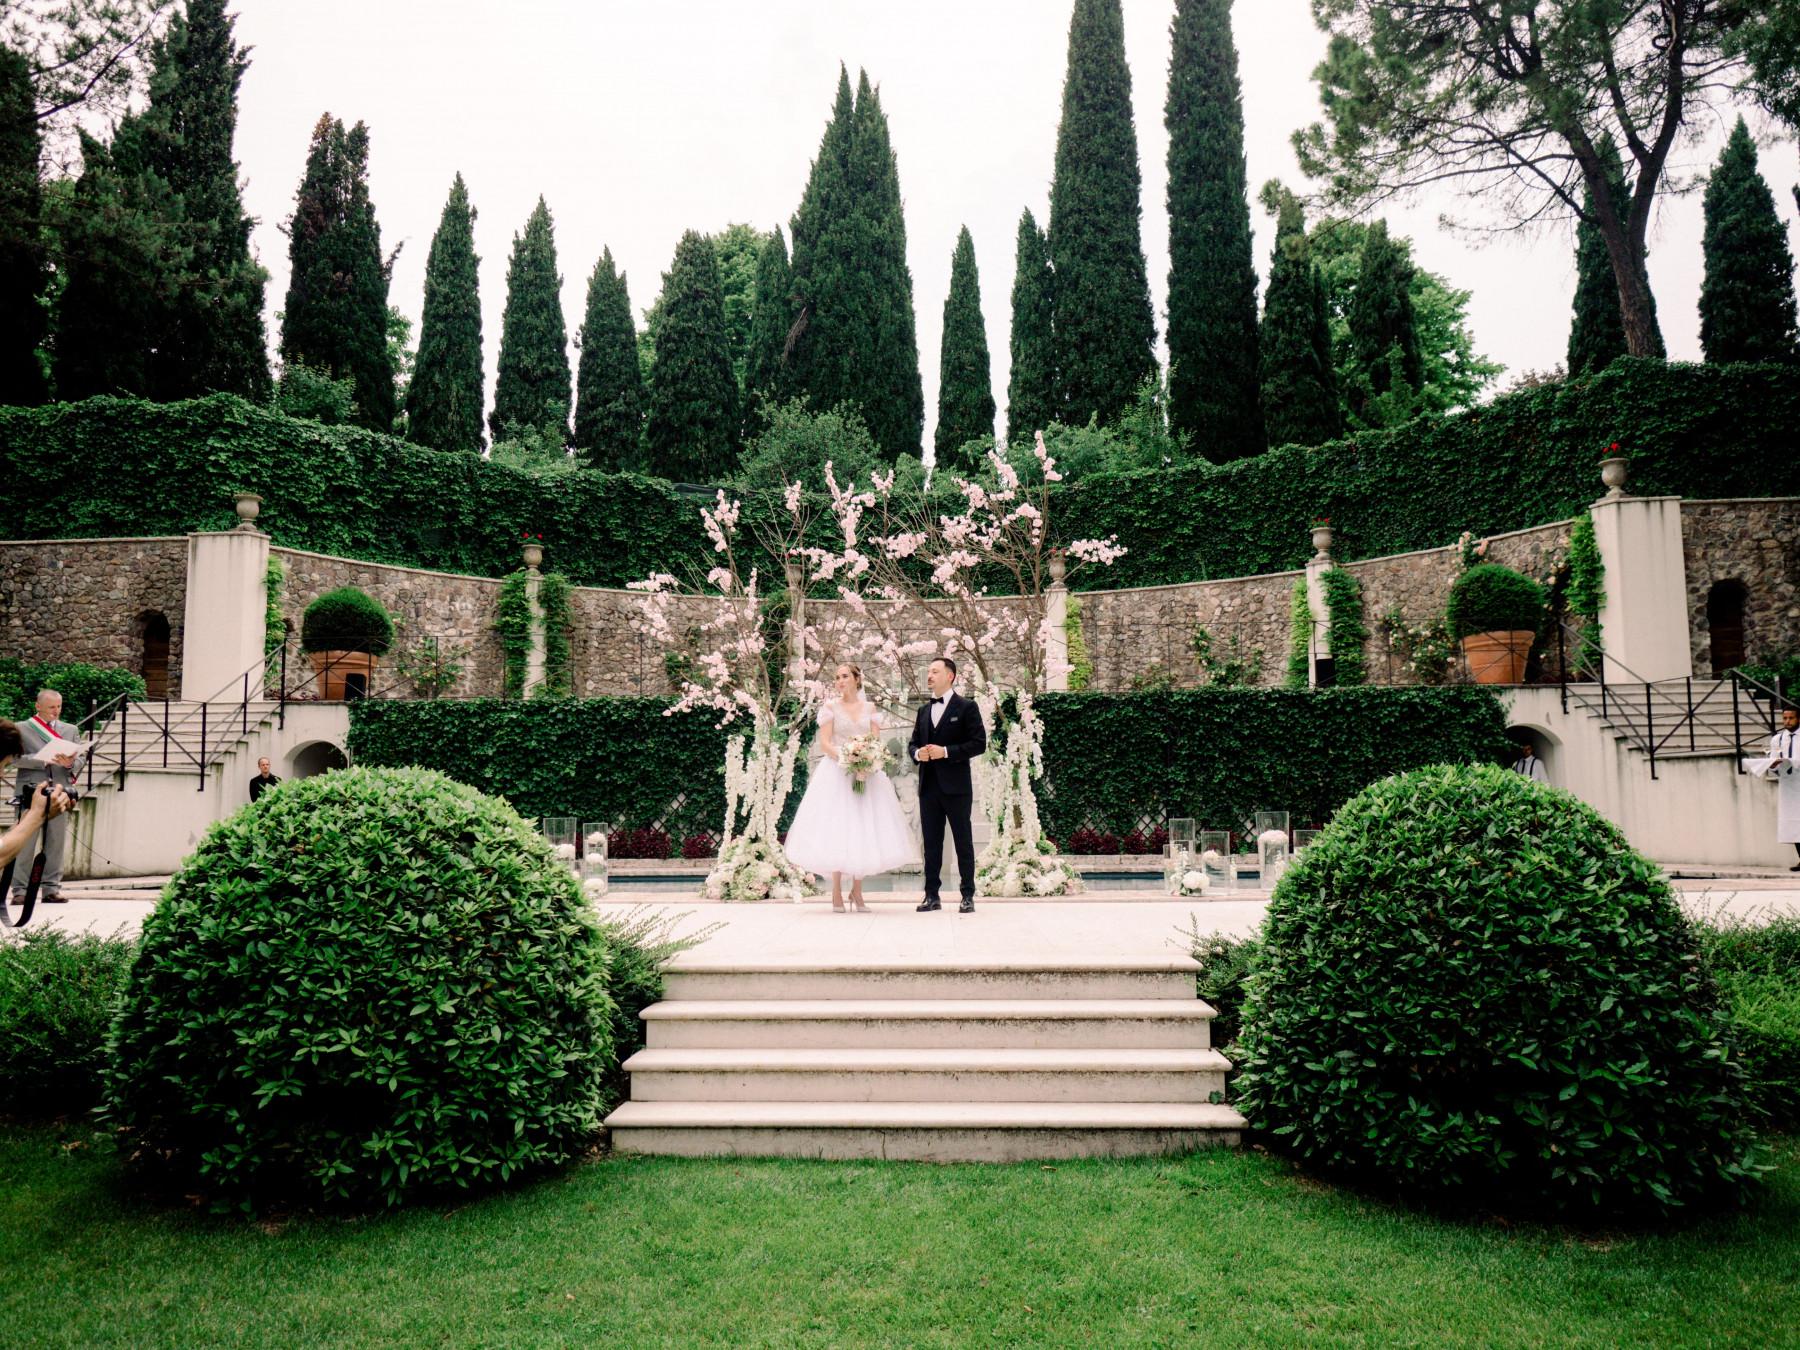 Романтика 60-х: свадьба в вишнёвом саду от